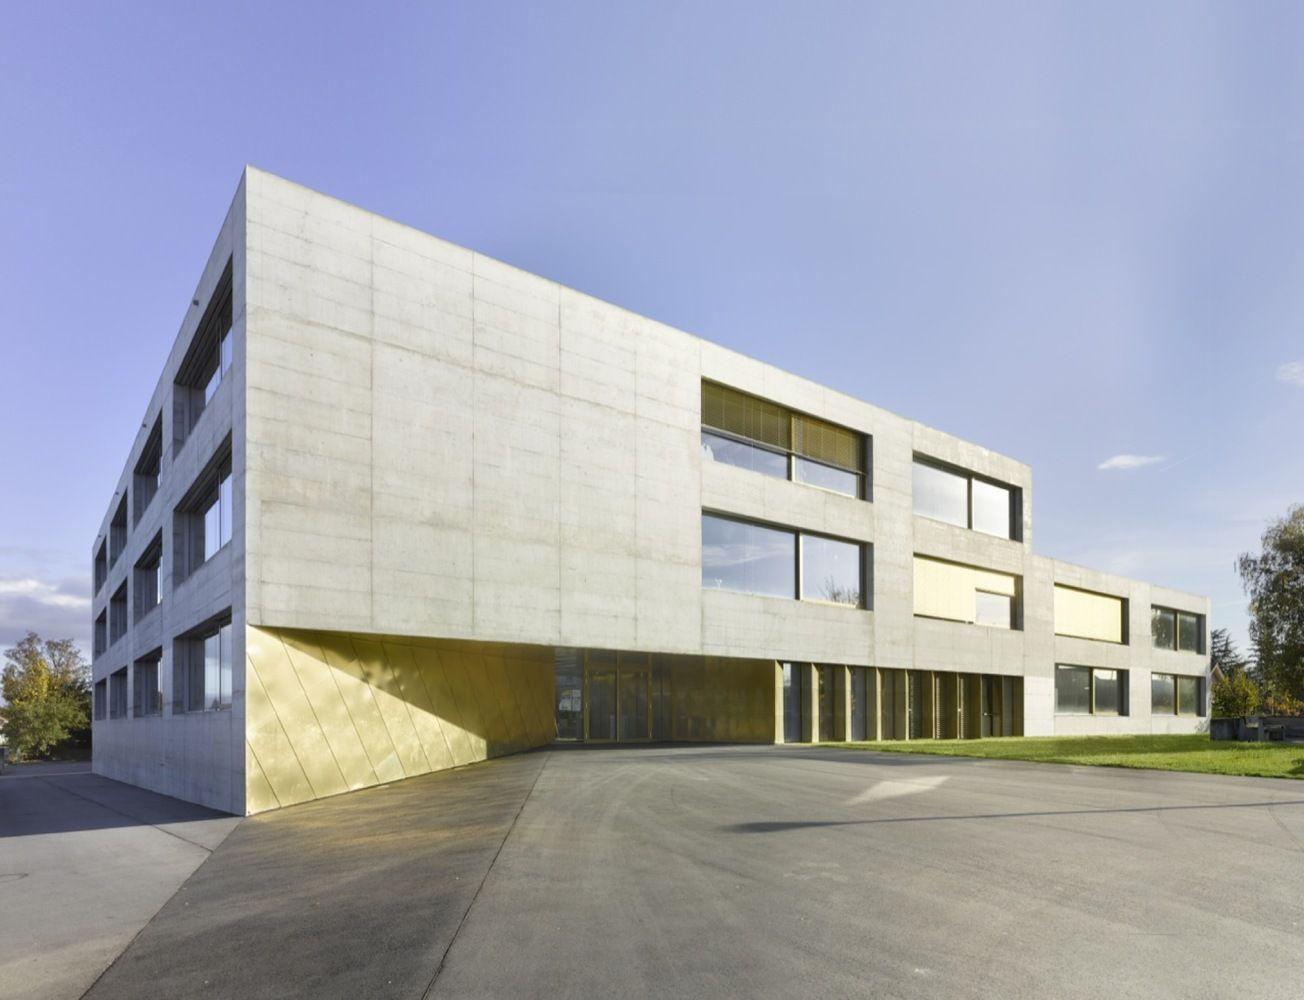 Gallery of Orientation School Extension in Kerzers / Morscher ...